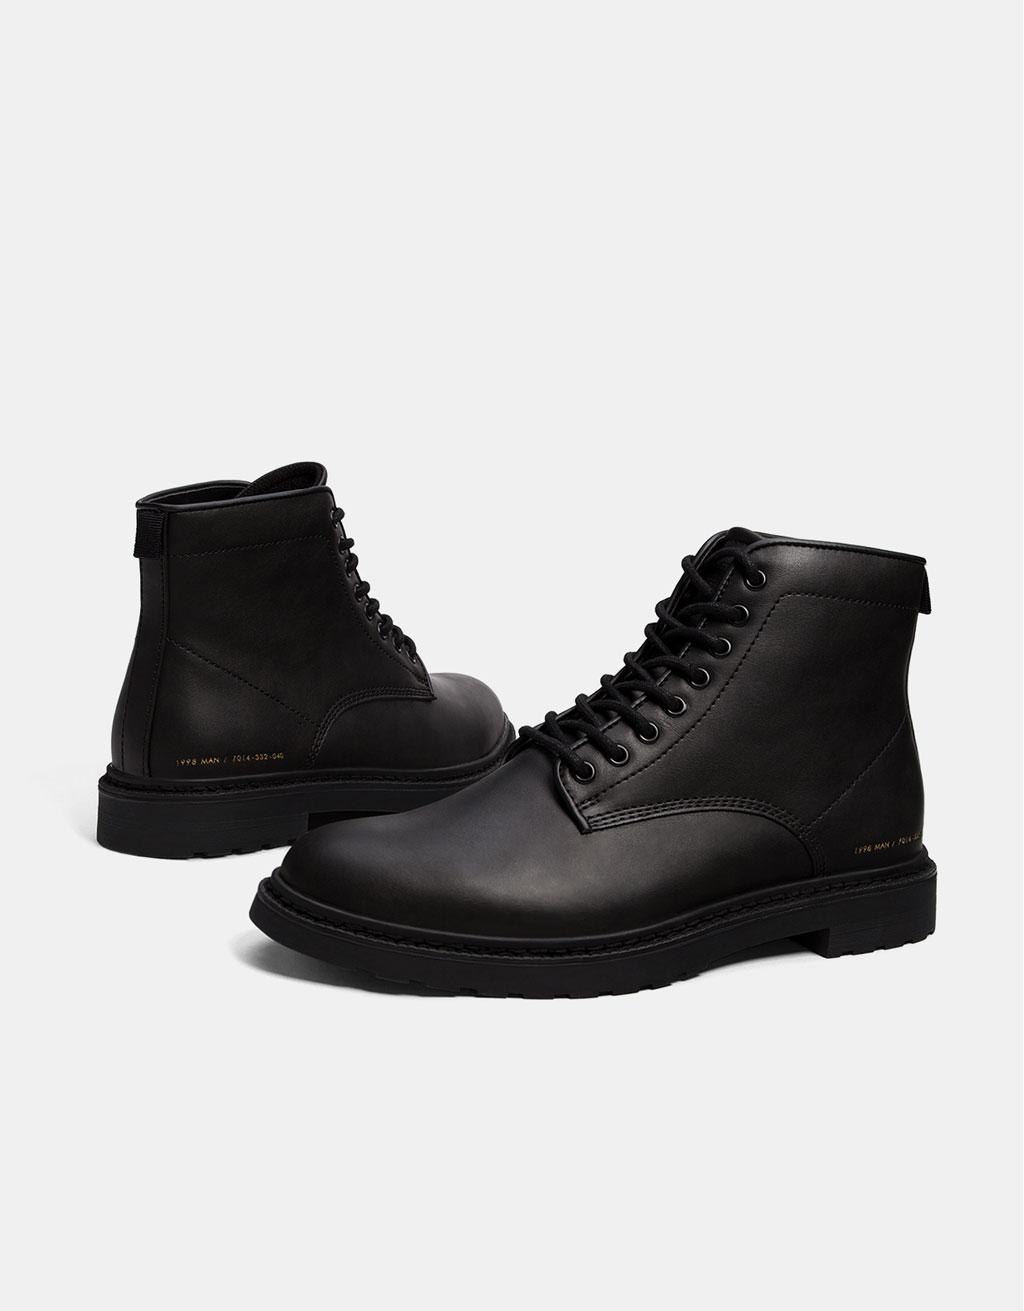 Smart men's lace-up boots